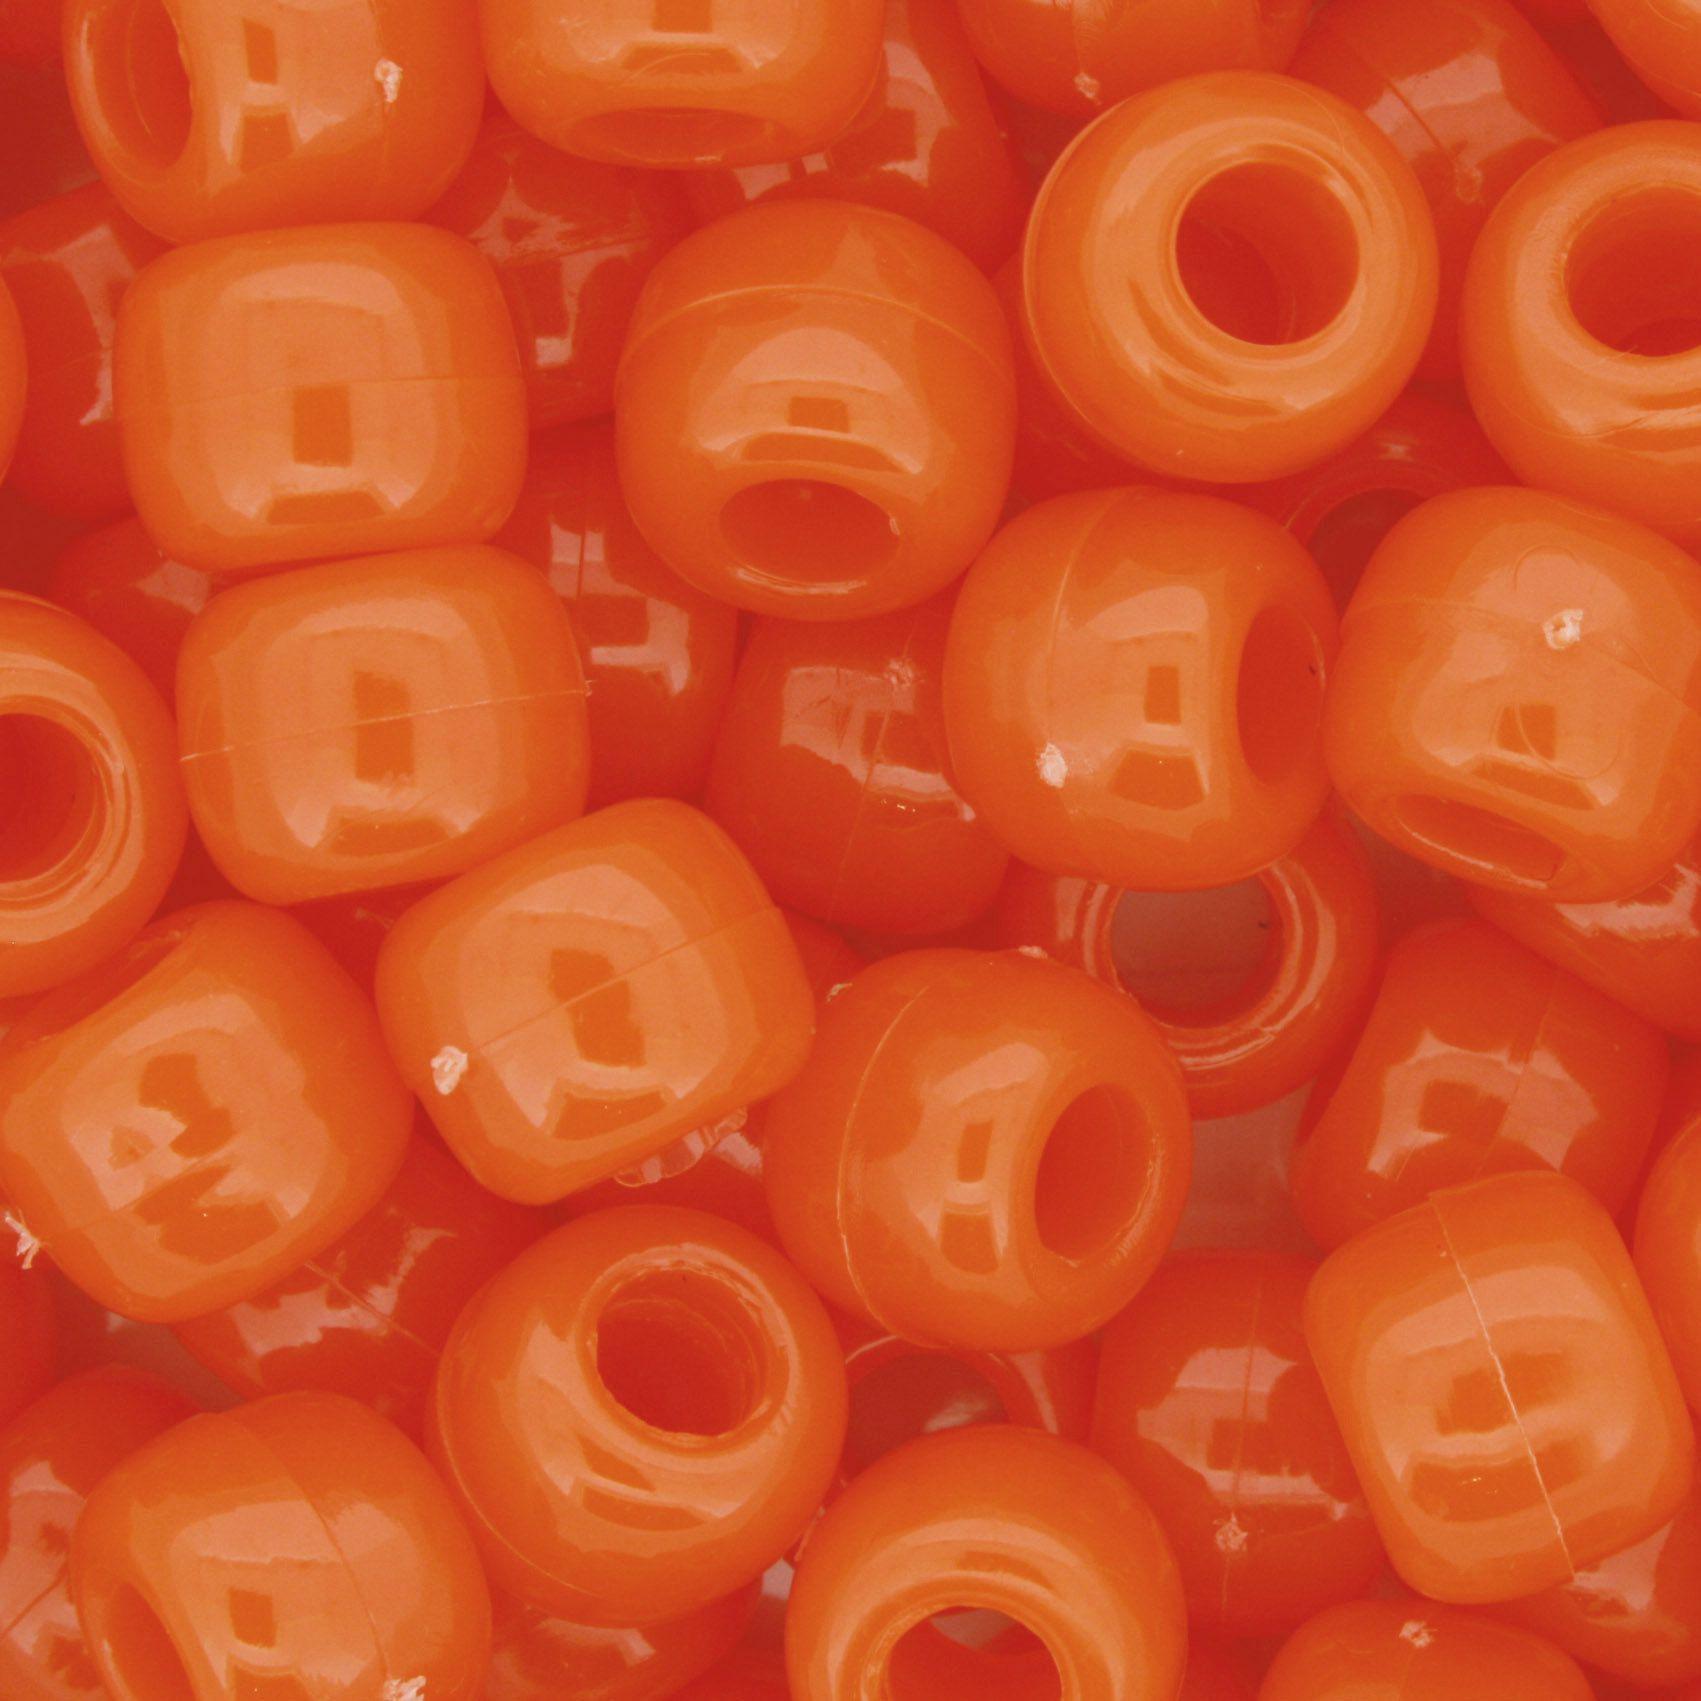 Miçangão Plástico - Tererê® - Laranja Neon  - Stéphanie Bijoux® - Peças para Bijuterias e Artesanato